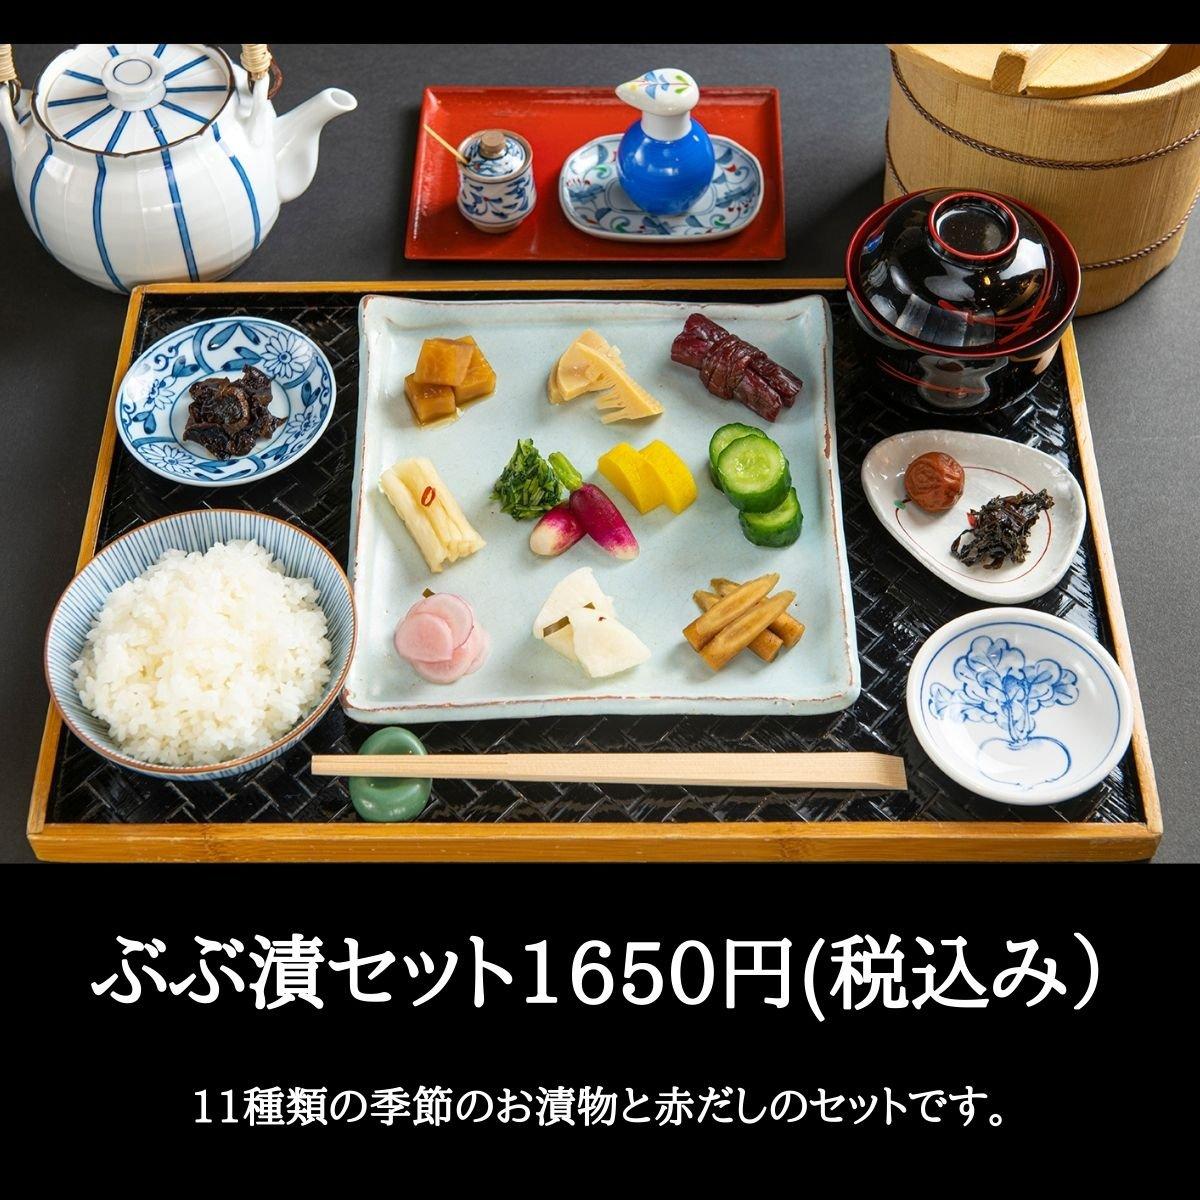 お食事券【ぶぶ漬セット】11種類の京つけものと美味しいご飯で食べるお茶漬のイメージその1